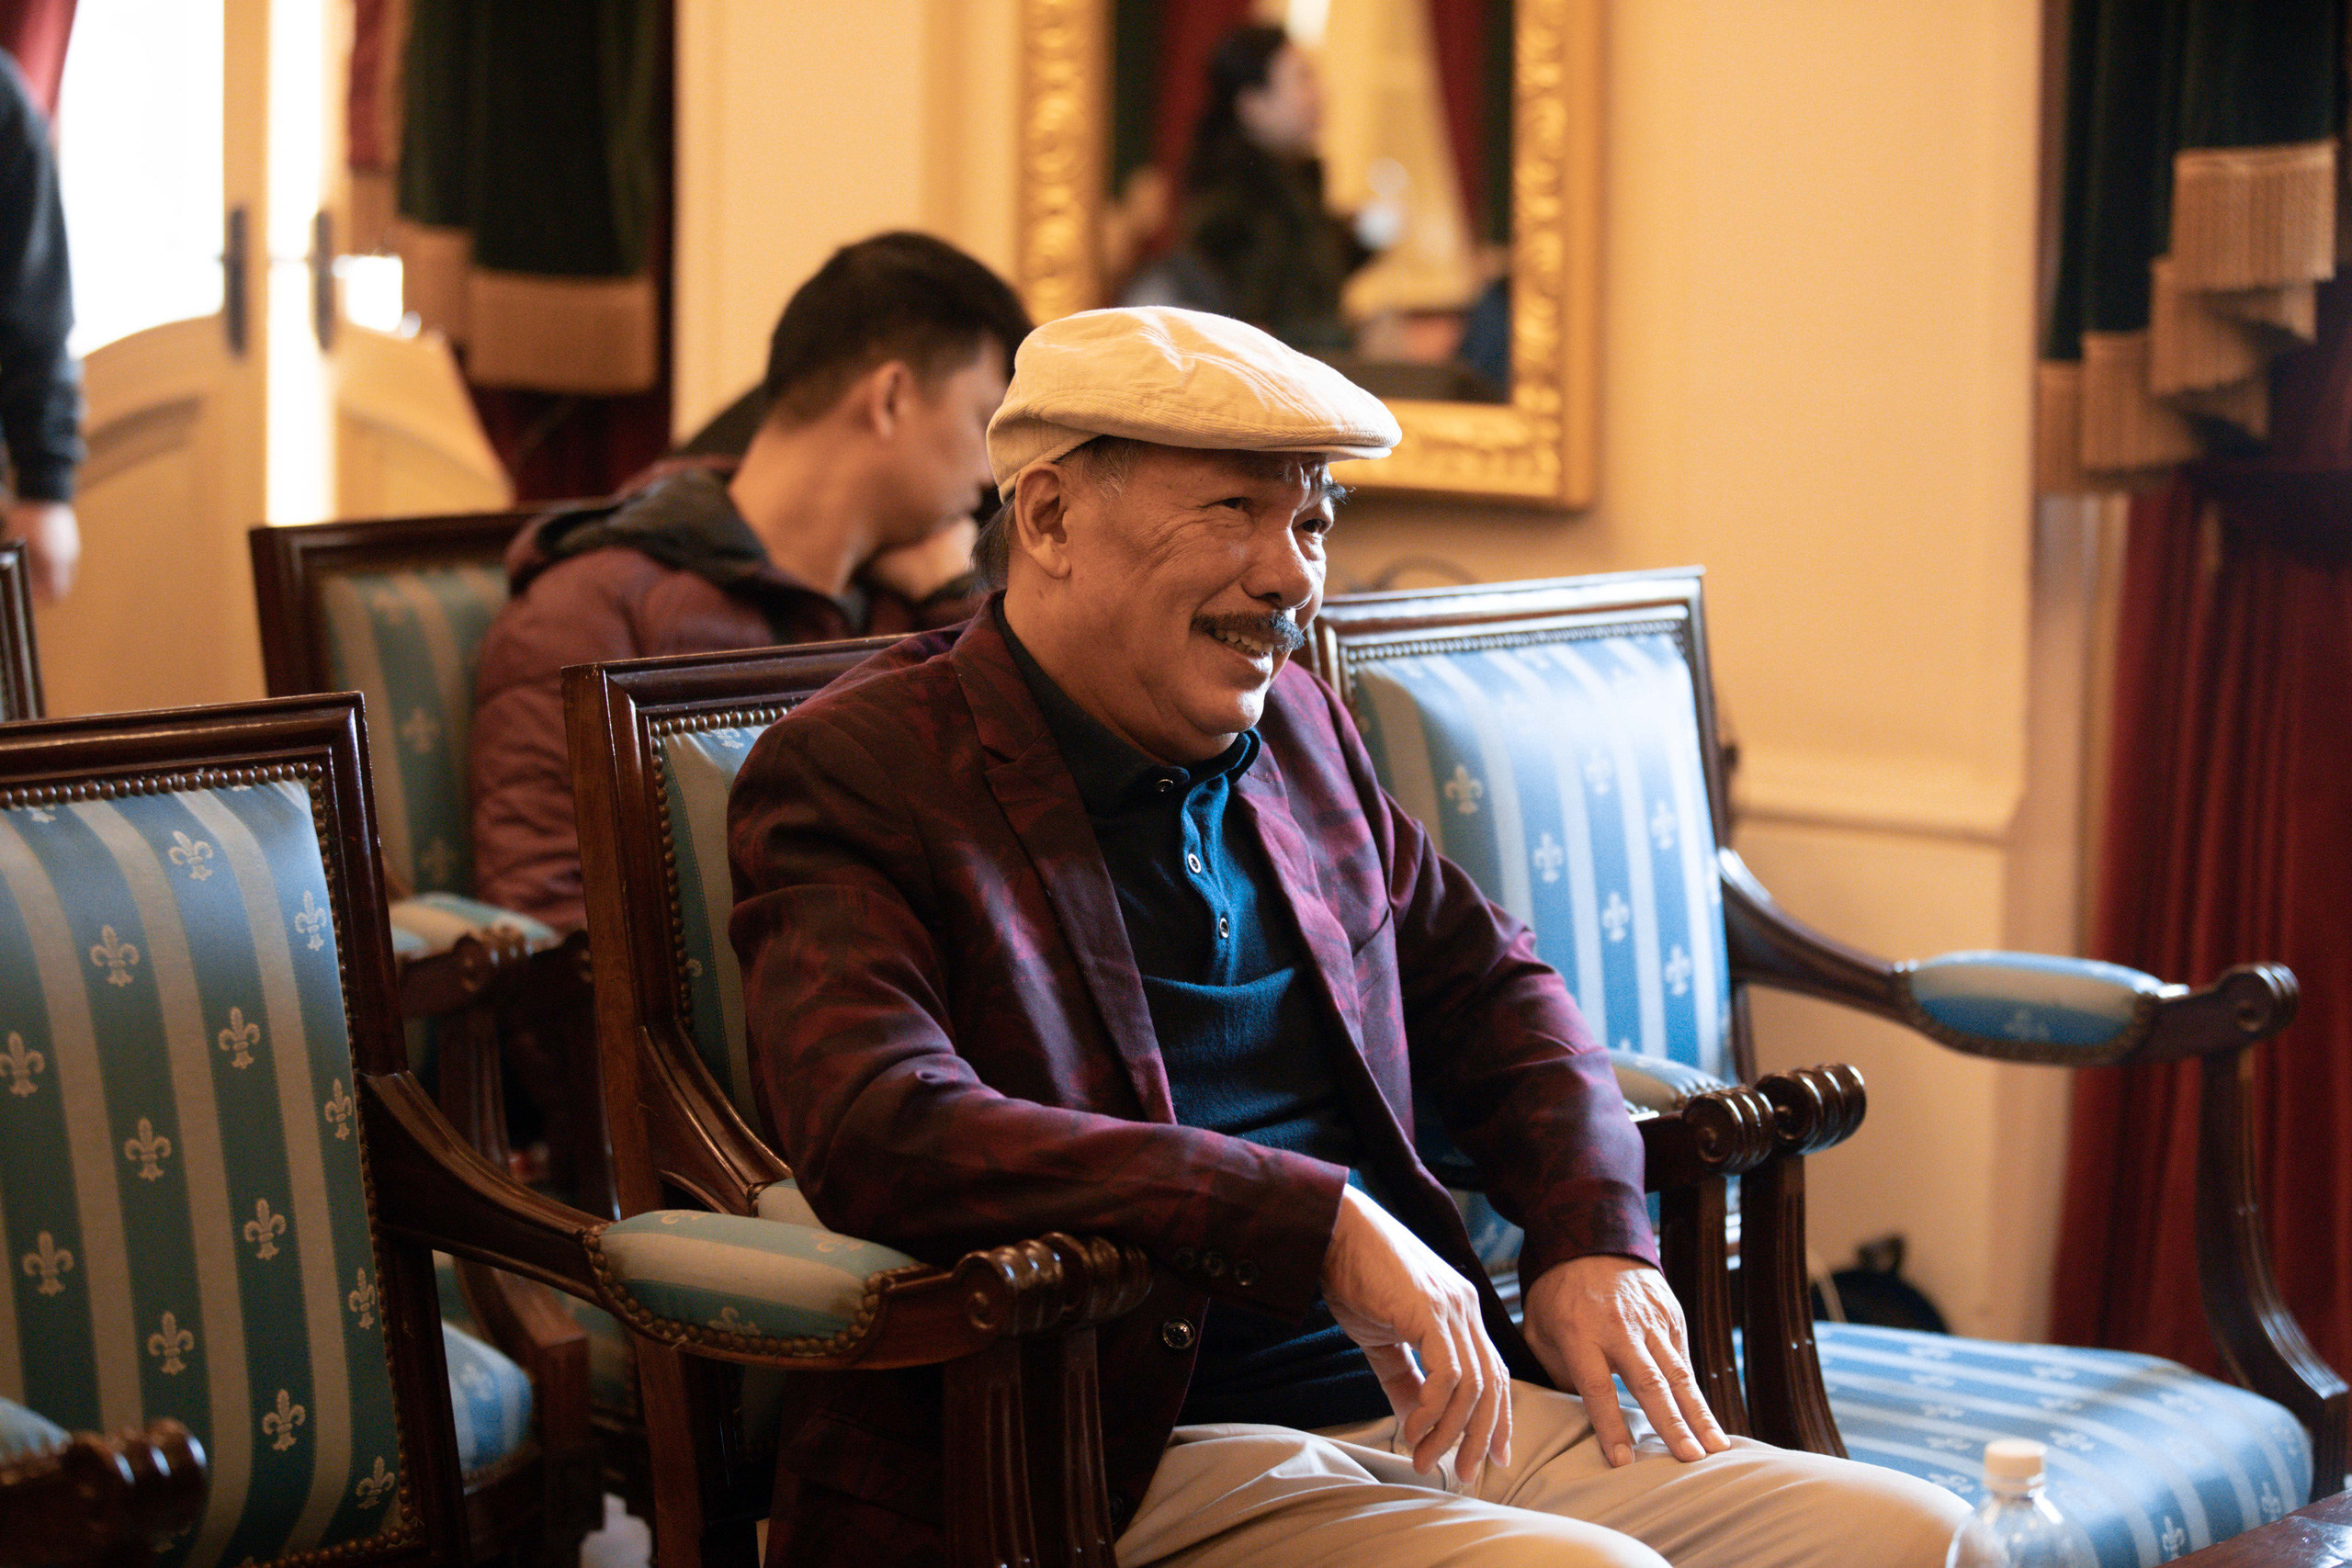 Nhạc sĩ Trần Tiến lần đầu xuất hiện sau tin đồn thất thiệt, nói rõ về tình trạng sức khỏe hiện tại - Ảnh 5.